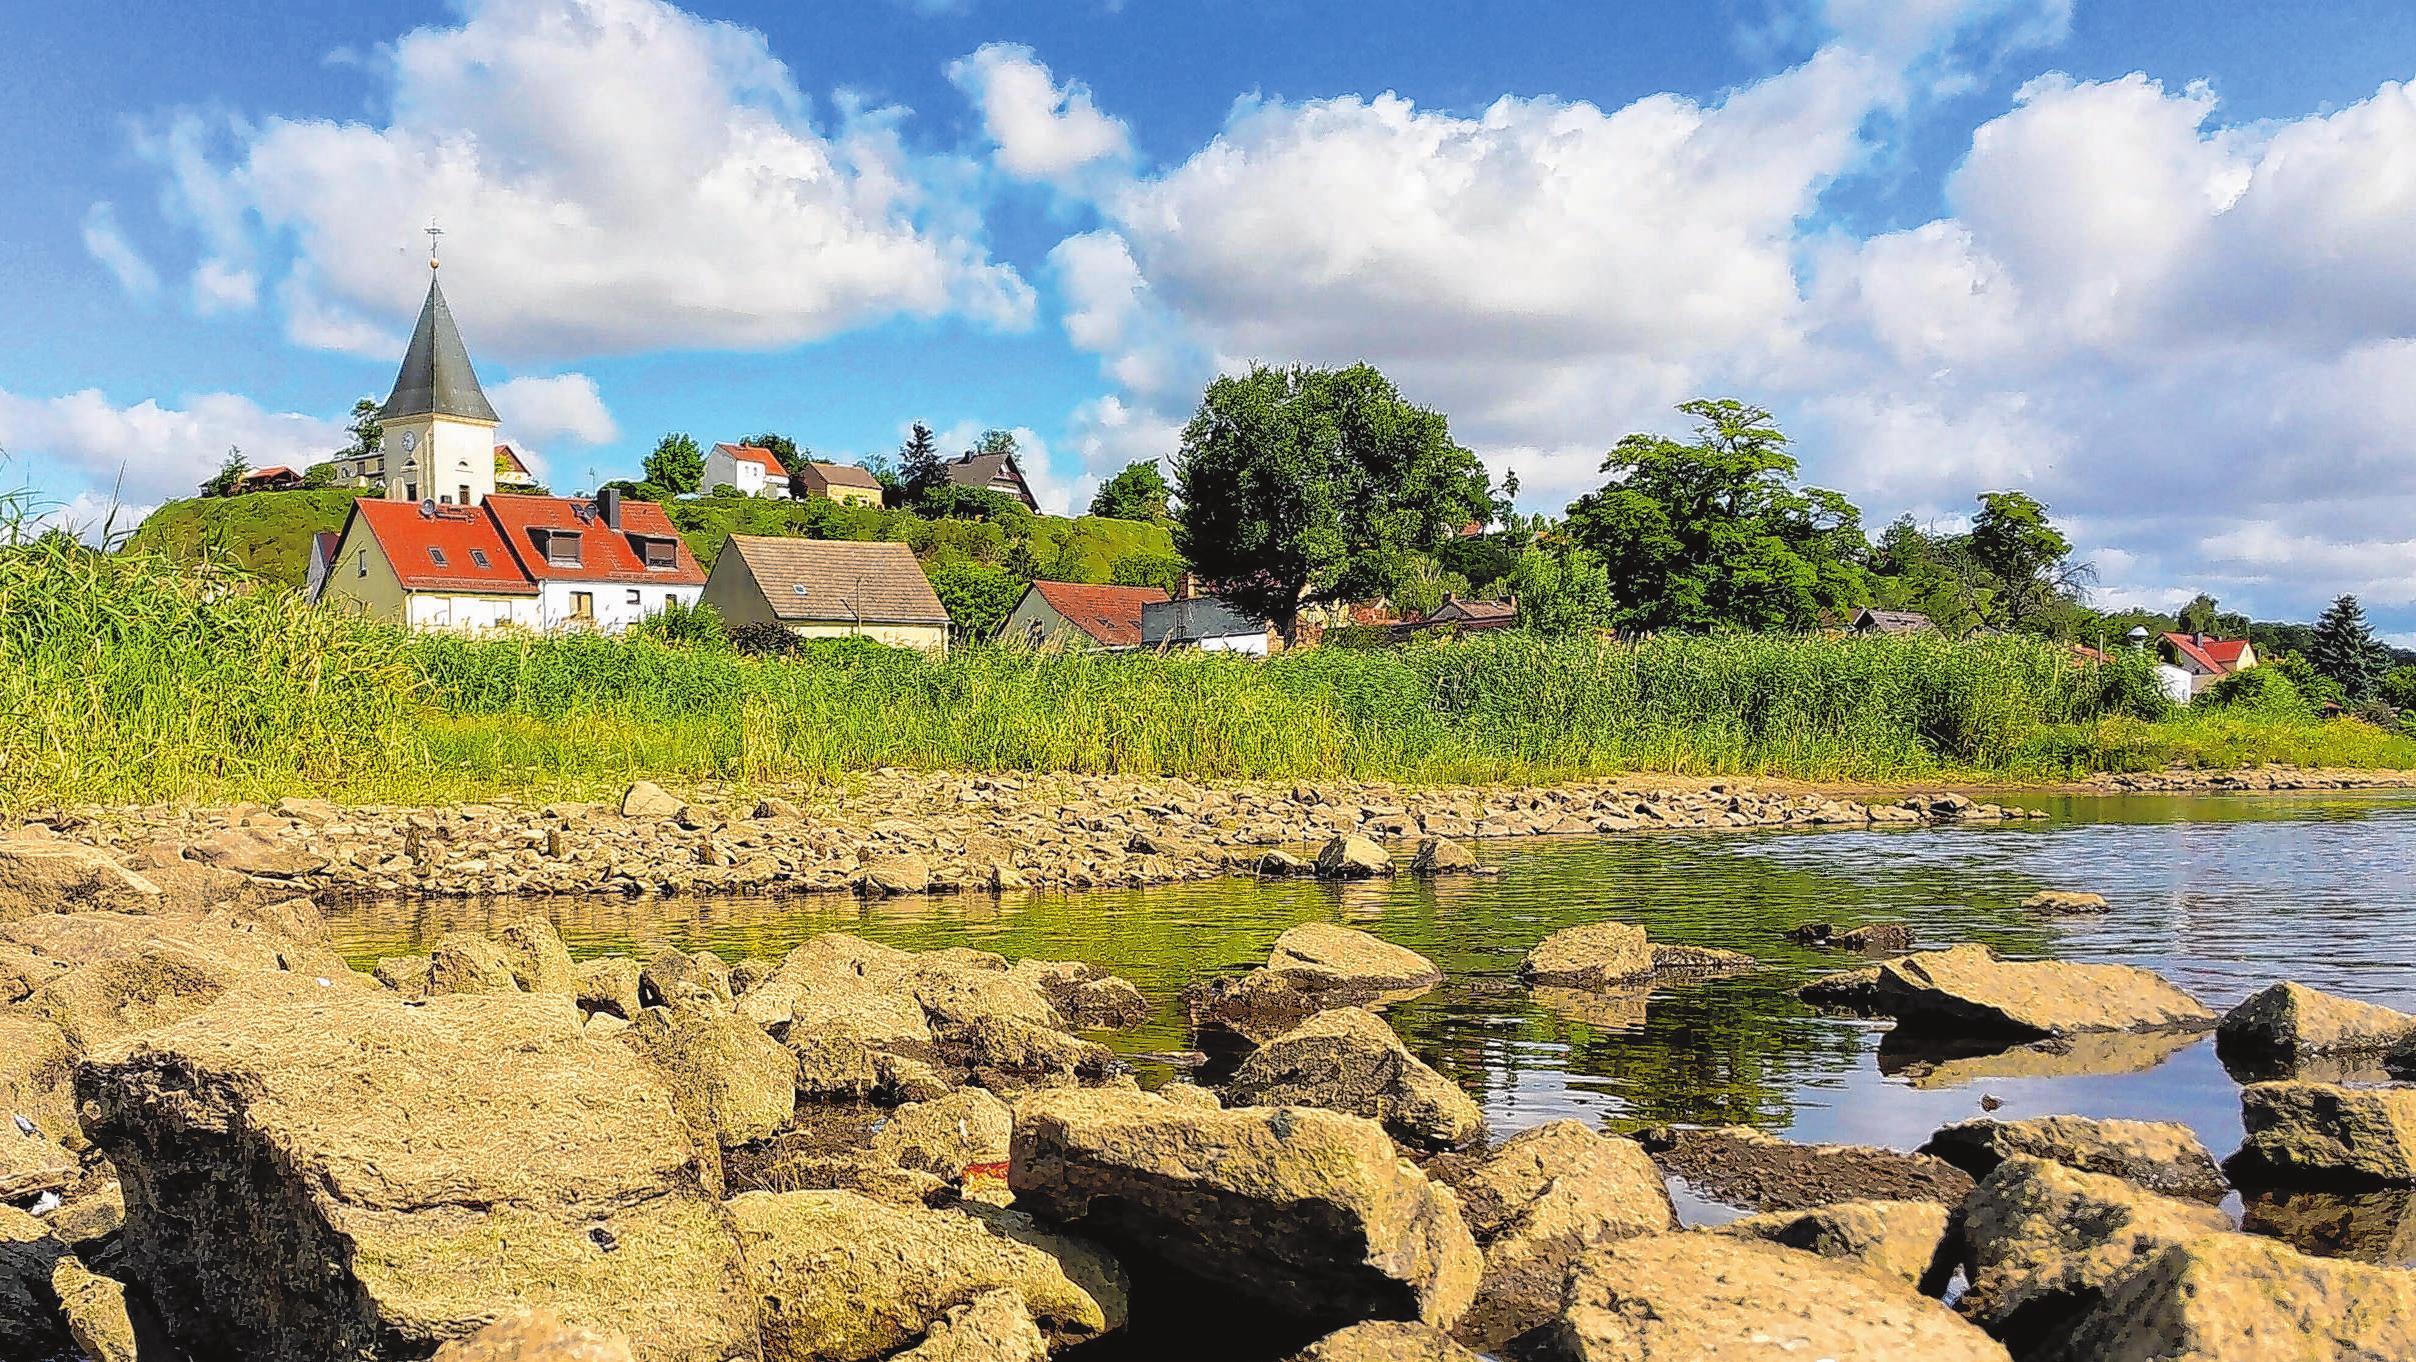 Lebus, das malerische Städtchen an der Oder, hat derzeit ein Problem mit dem Fluss. Das Wasser zieht sich immer weiter zurück. So niedrig, wie in diesem Jahr, war es selten am Grenzfluss zwischen Deutschland und Polen. Während der mittlere Pegelstand zu dieser Jahreszeit im benachbarten Frankfurt bei 2,74 Meter liegt, sind es derzeit nur knapp über einem Meter. Die Buhnenköpfe und Uferbefestigungen liegen auf dem Trockenen.     Fotos: Matthias Lubisch